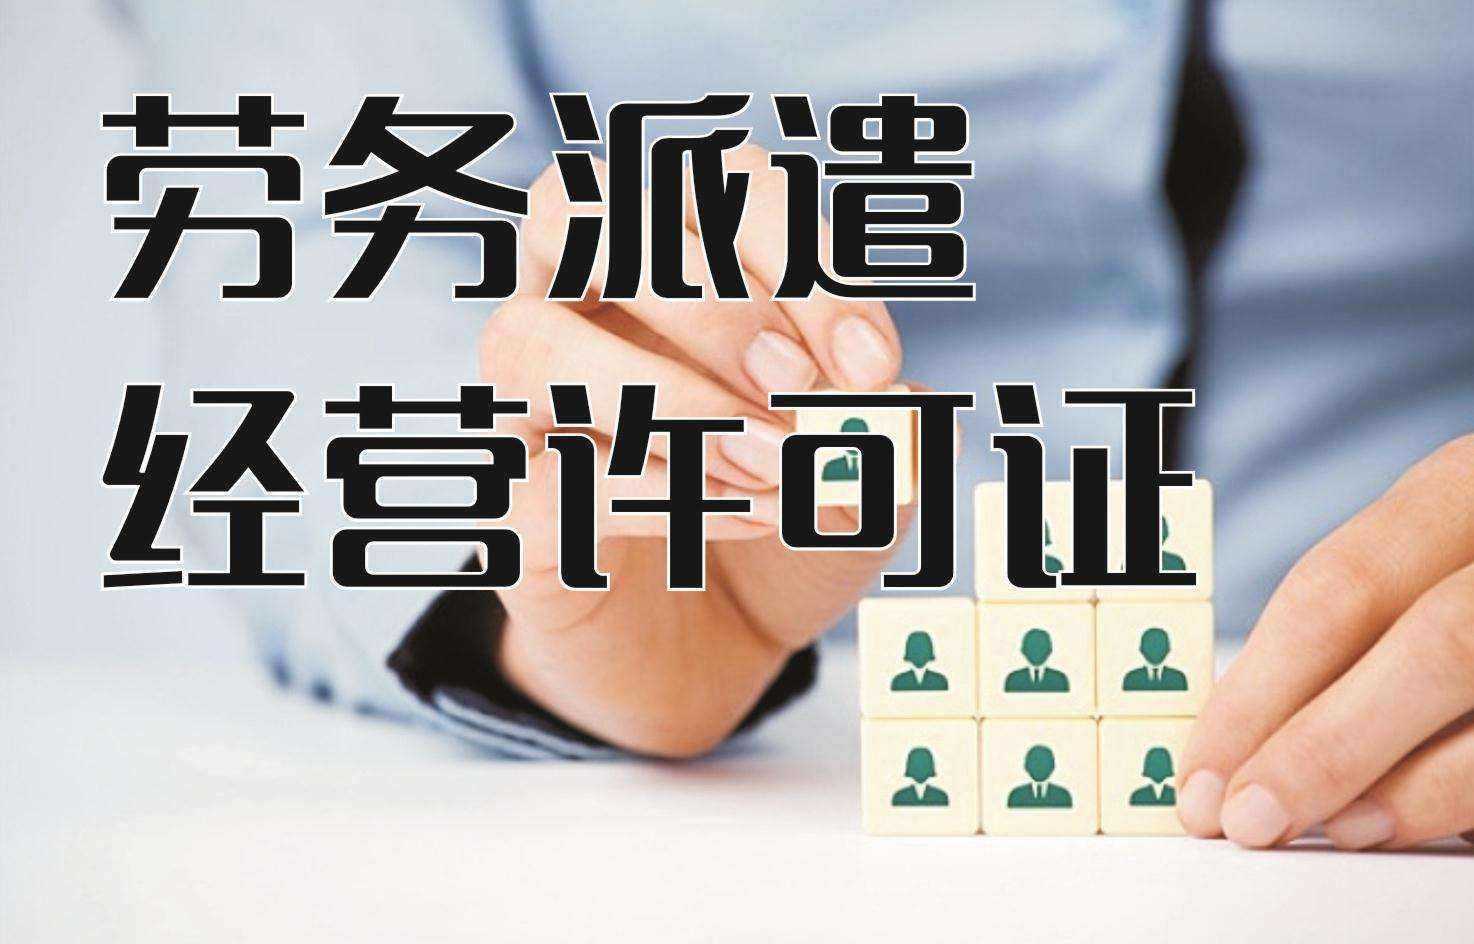 天津澳门尼斯人手机网站